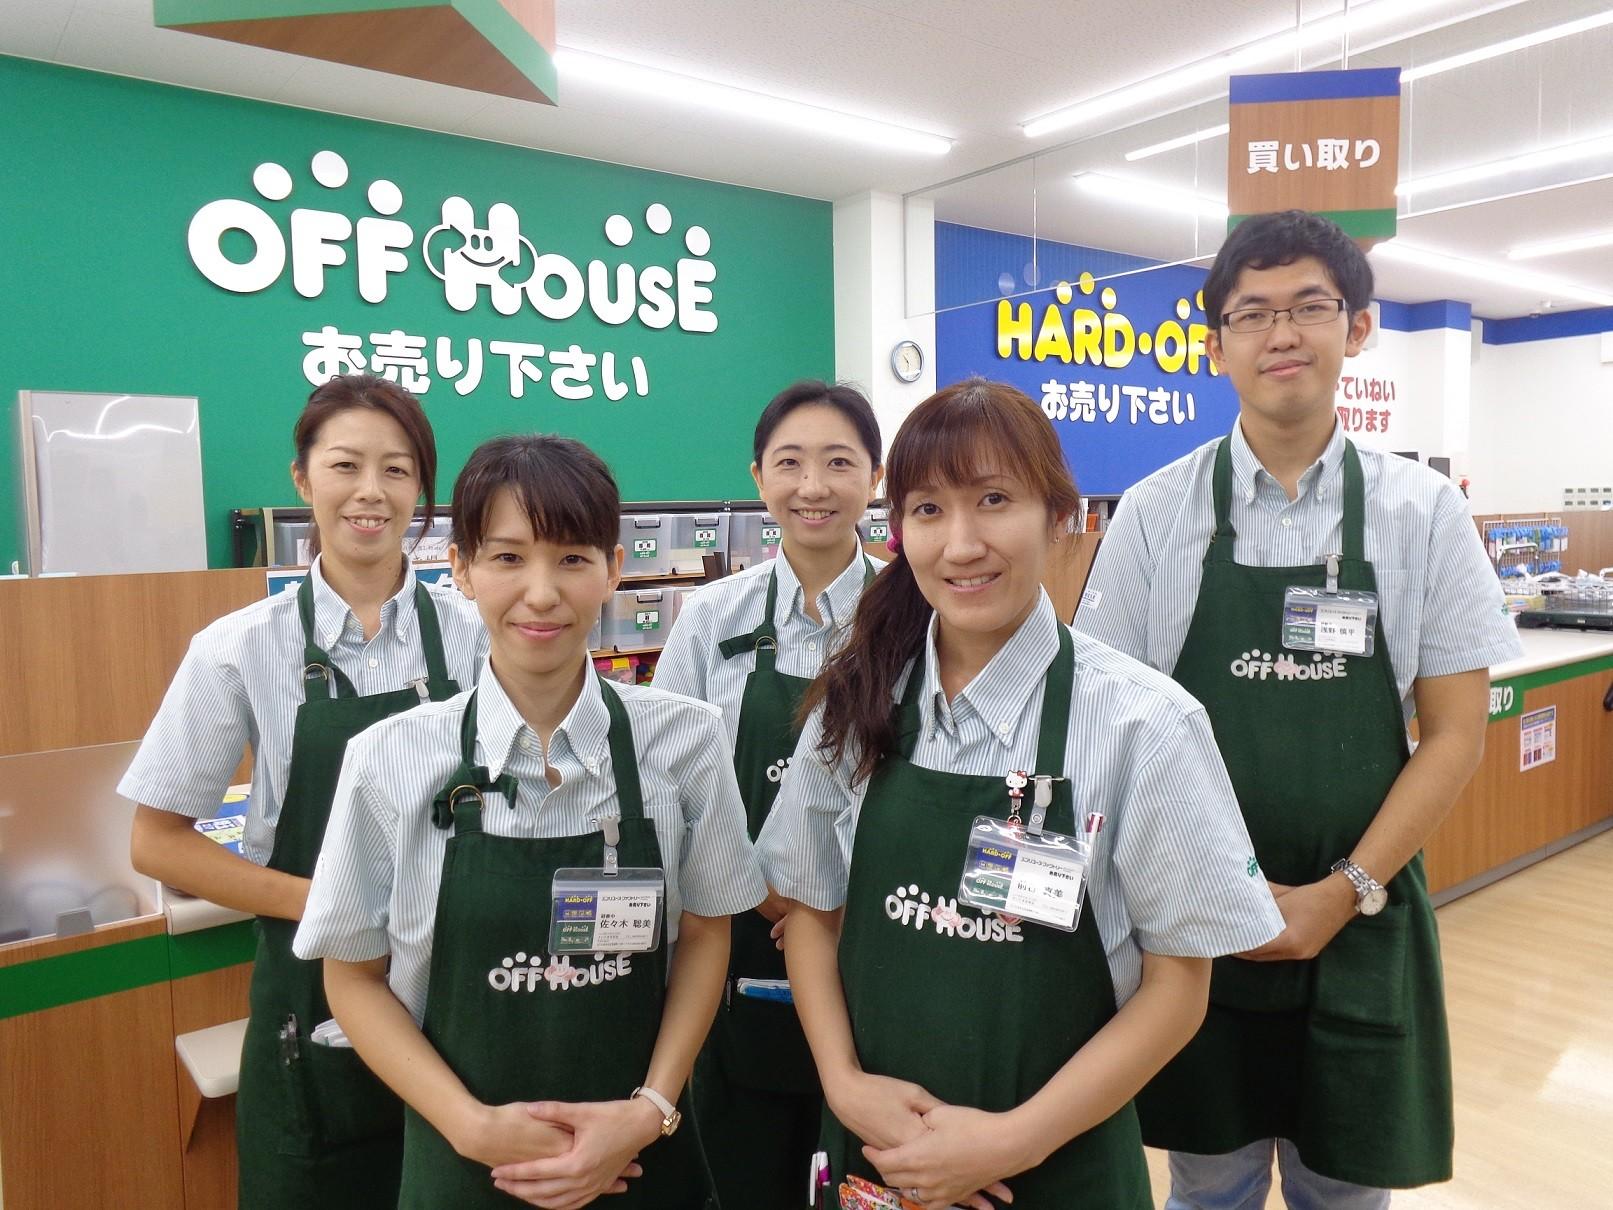 オフハウス 川口上青木店 のアルバイト情報